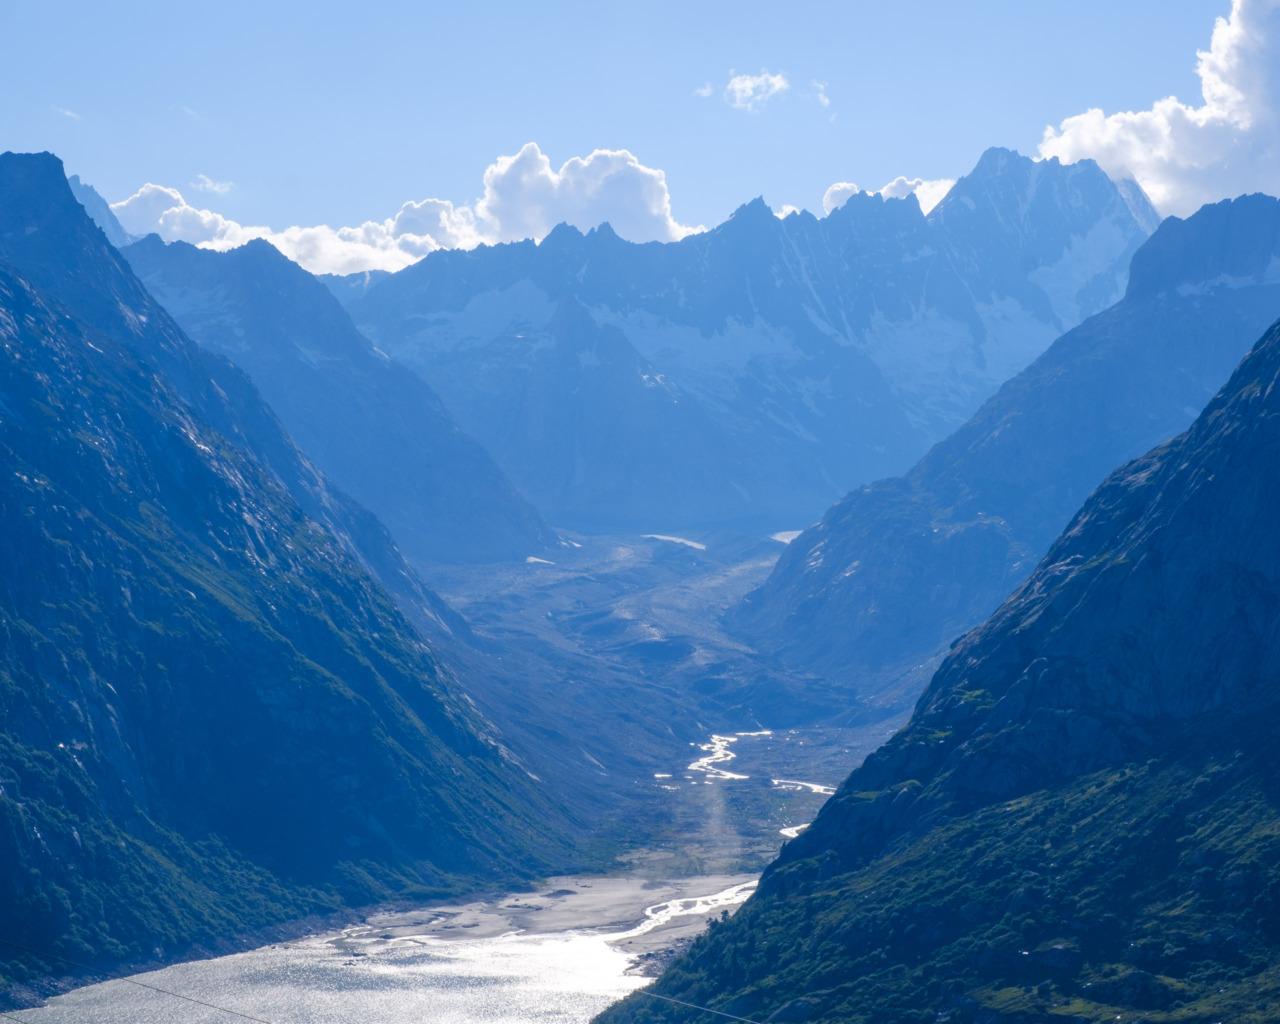 Unteraargletscher, Switzerland